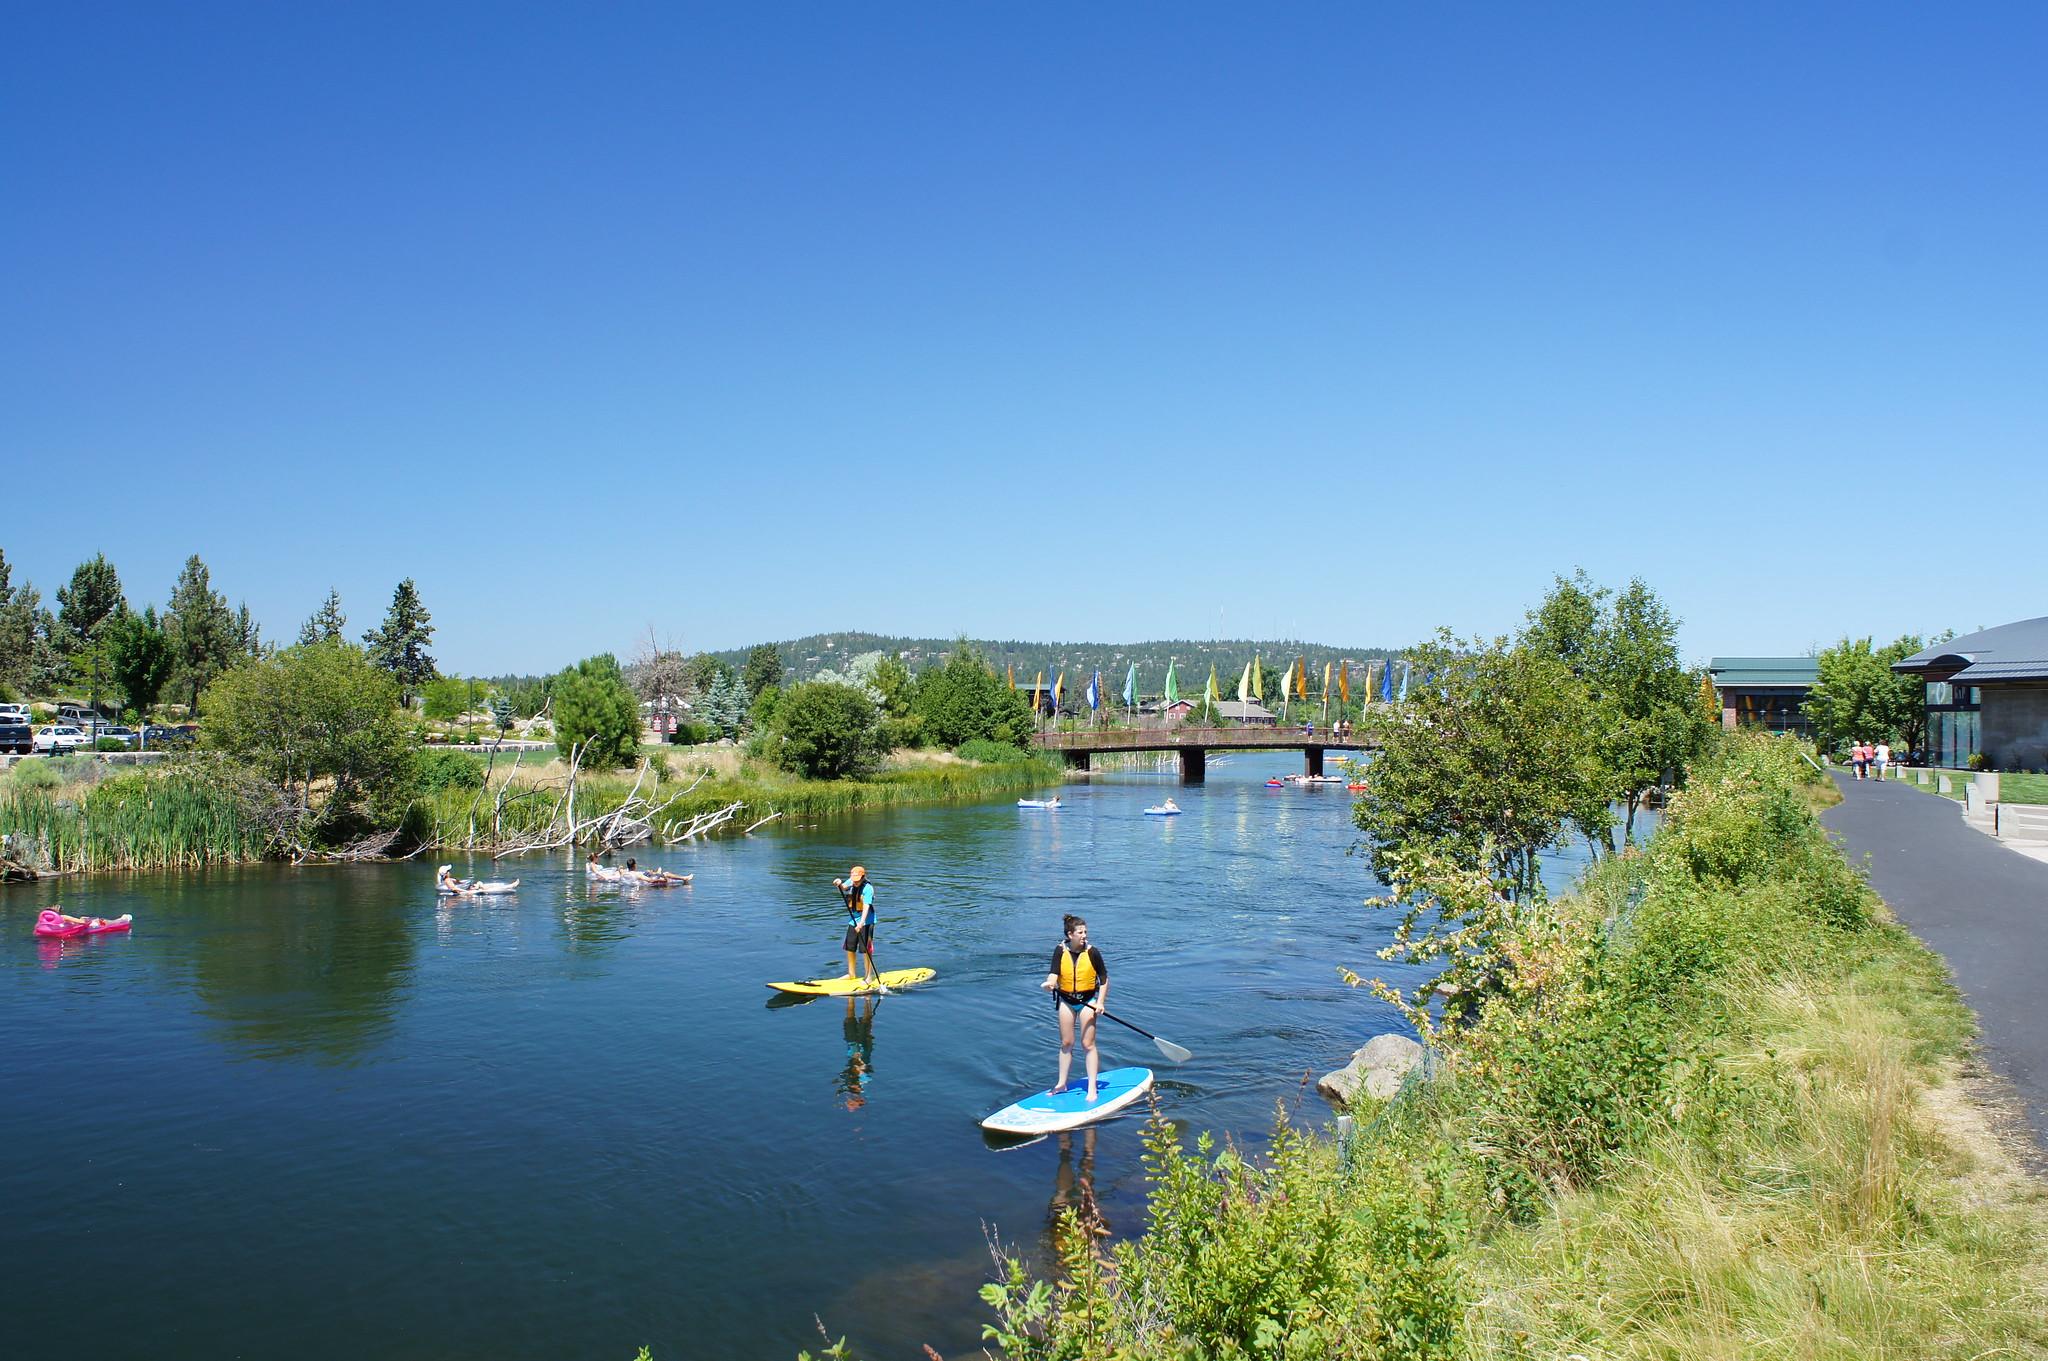 Oregon paddle